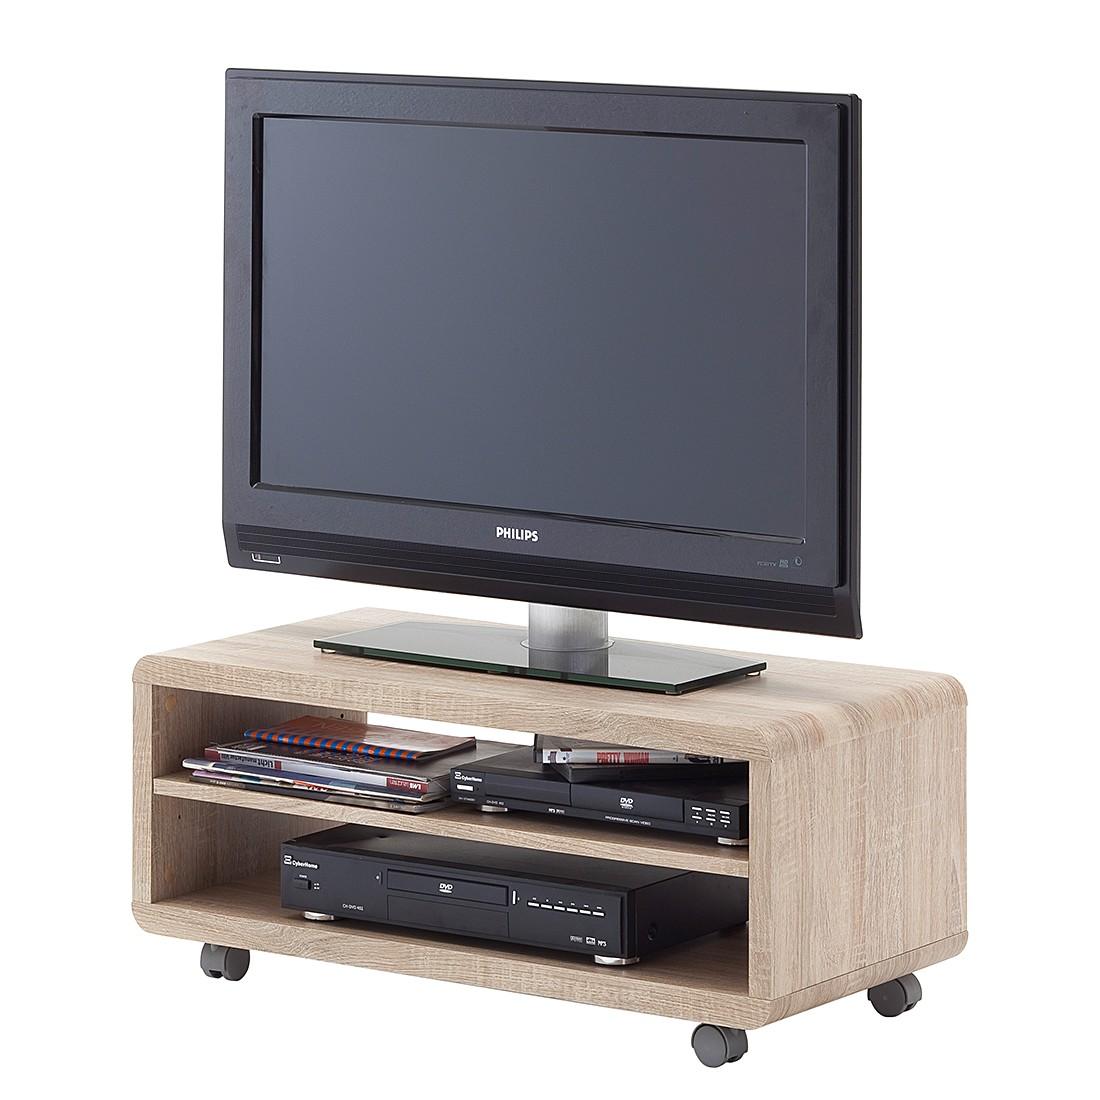 tv lowboard mit rollen inspirierendes design f r wohnm bel. Black Bedroom Furniture Sets. Home Design Ideas